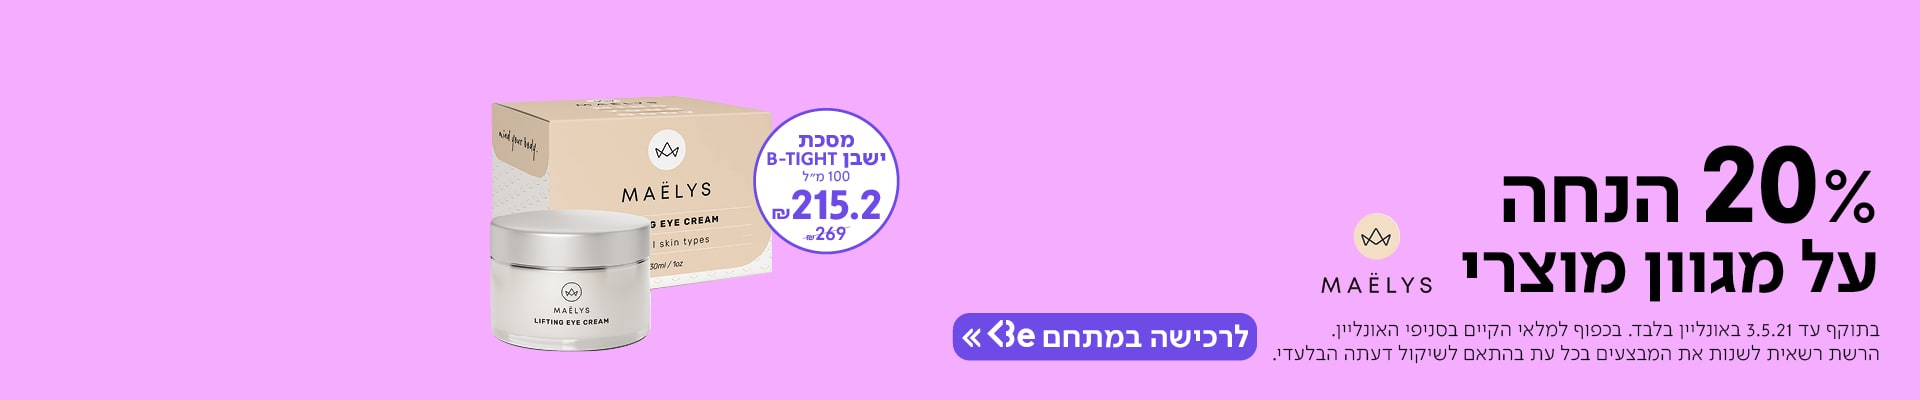 20% הנחה על מגוון מוצרי מאליס עכשיו במתחם Be>>  בתוקף עד 3.5.21 באונליין בלבד. בכפוף למלאי הקיים בסניפי האונליין . הרשת רשאית לשנות את המבצעים בכל עת בהתאם לשיקול דעתה הבלעדי.